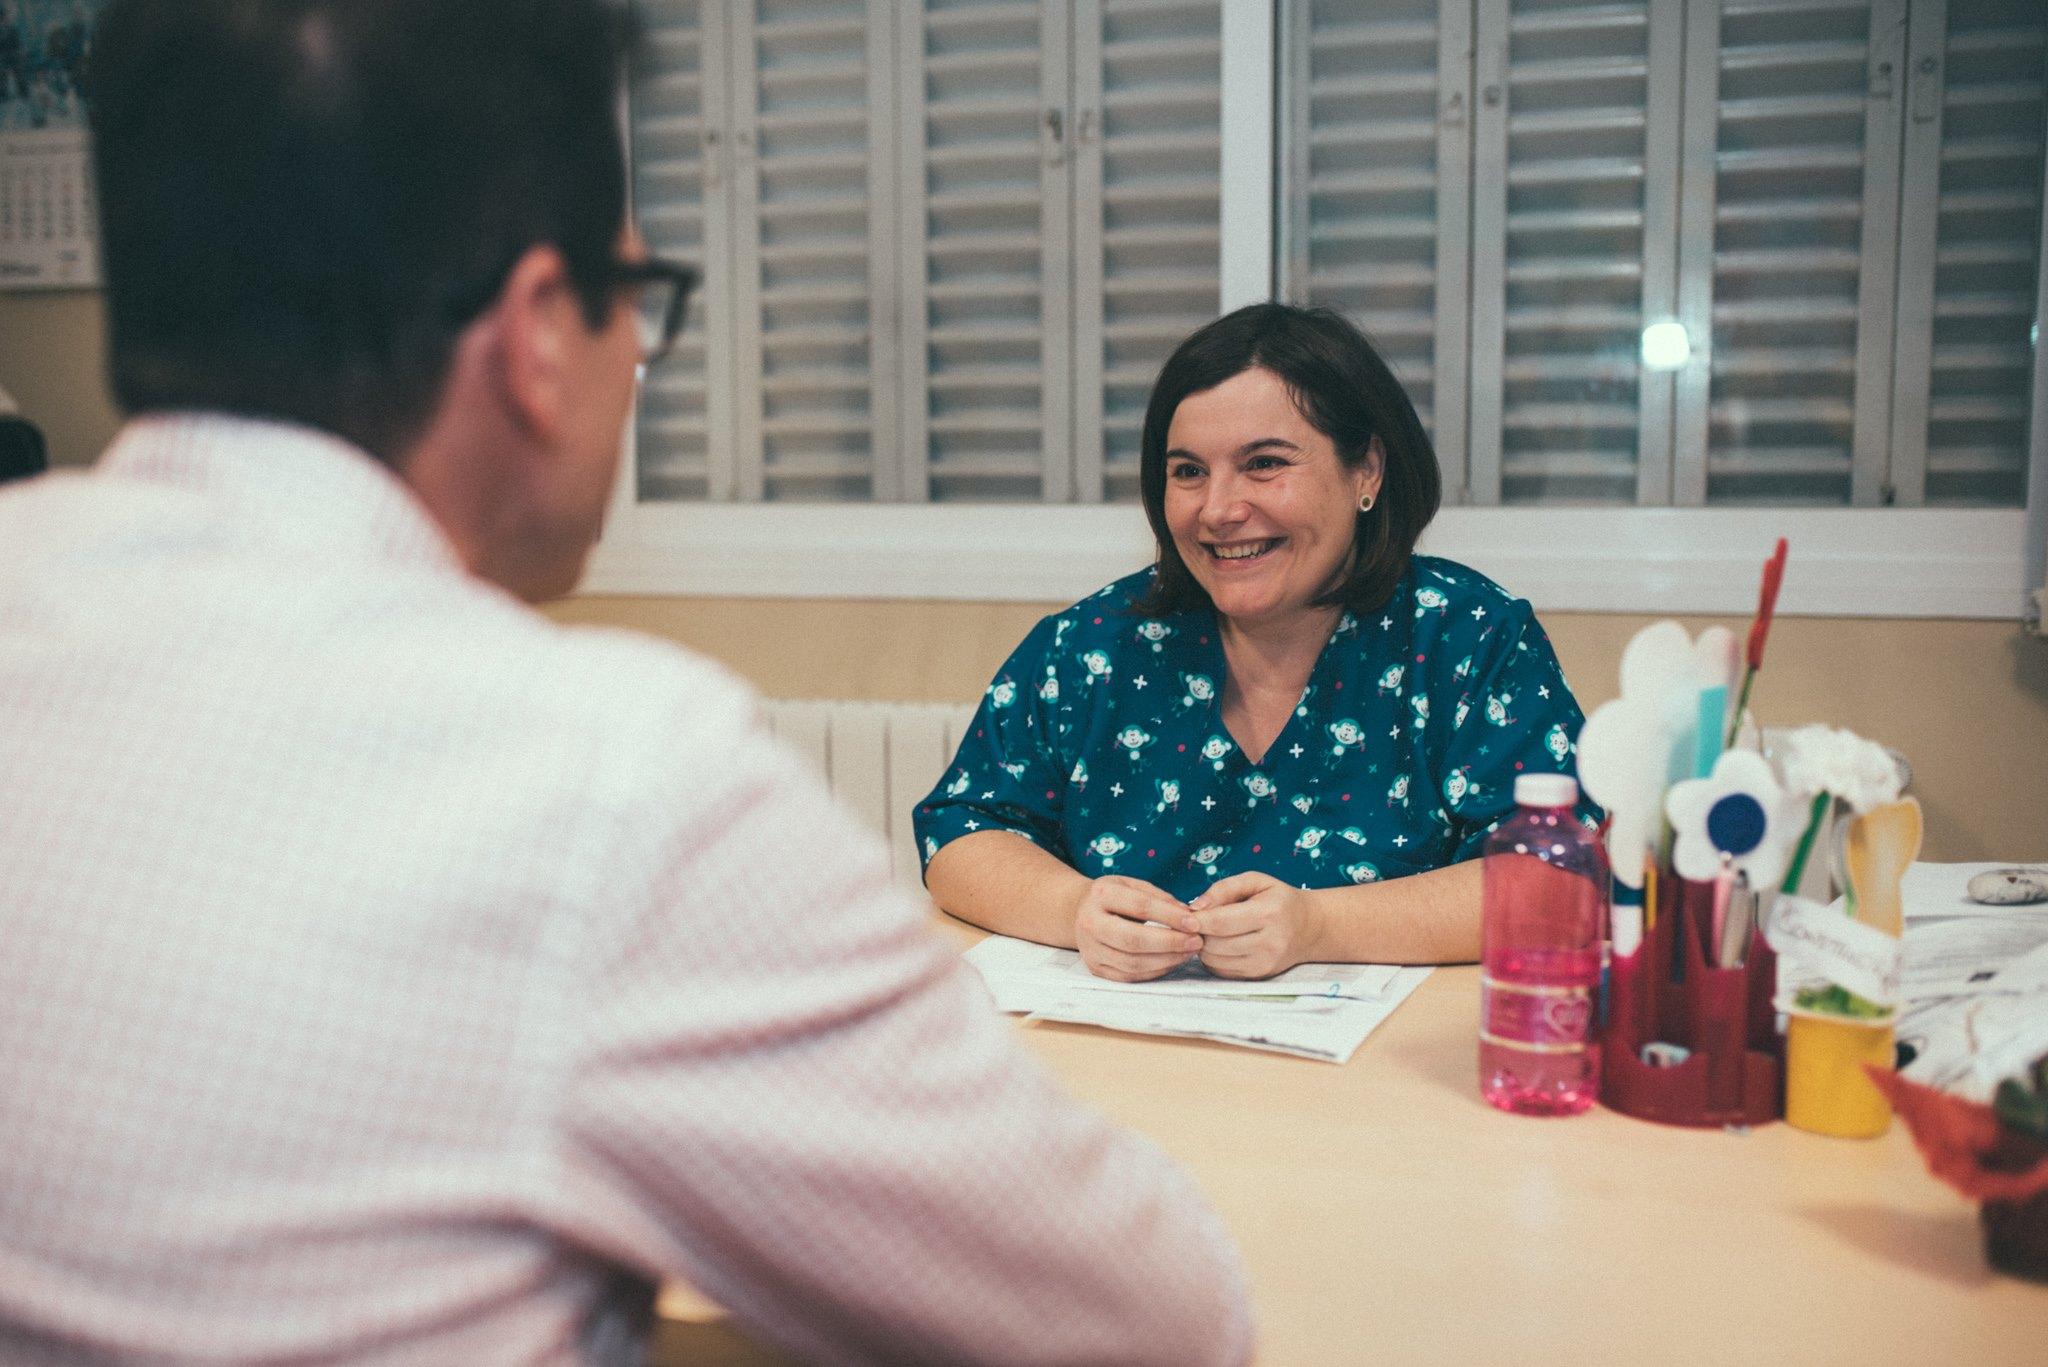 La Atención Temprana, visto por nuestra psicóloga Silvia Quirós